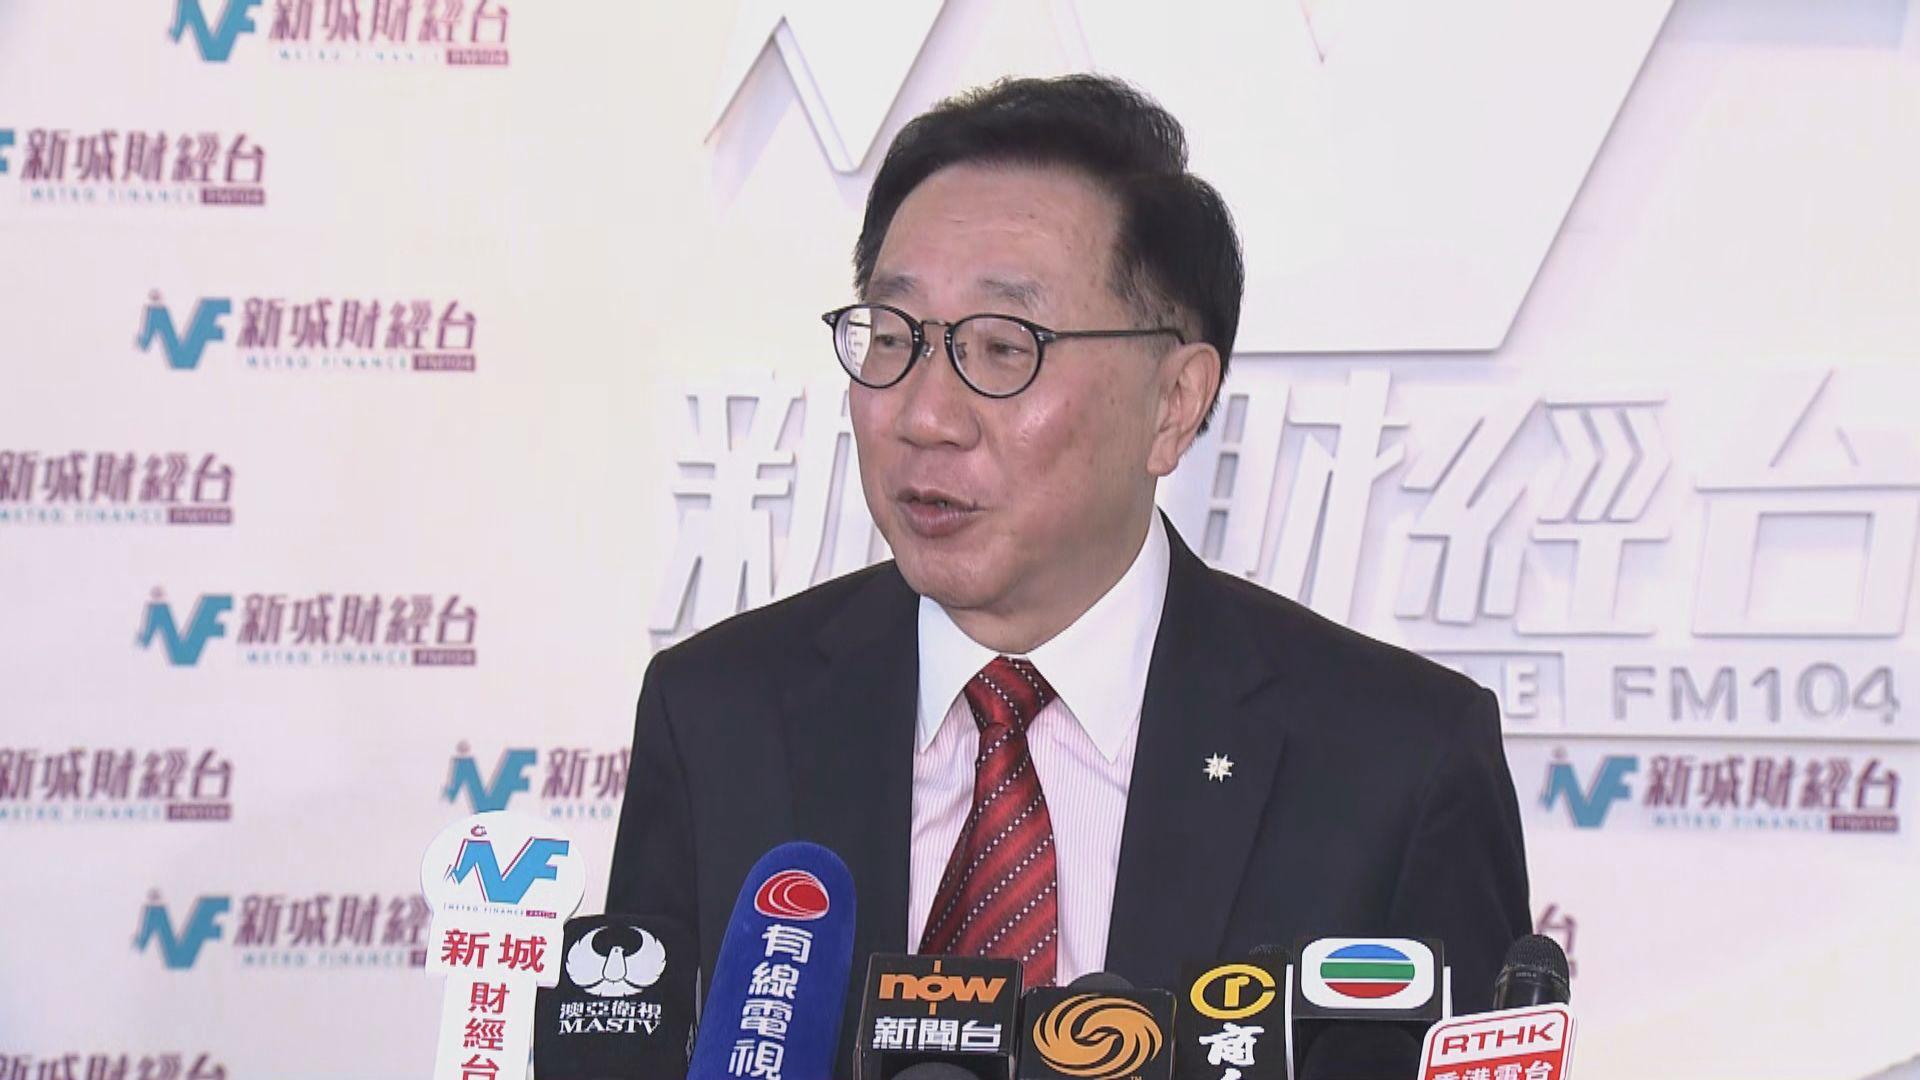 【修例風波】酒店業料入住率、房價繼續跌